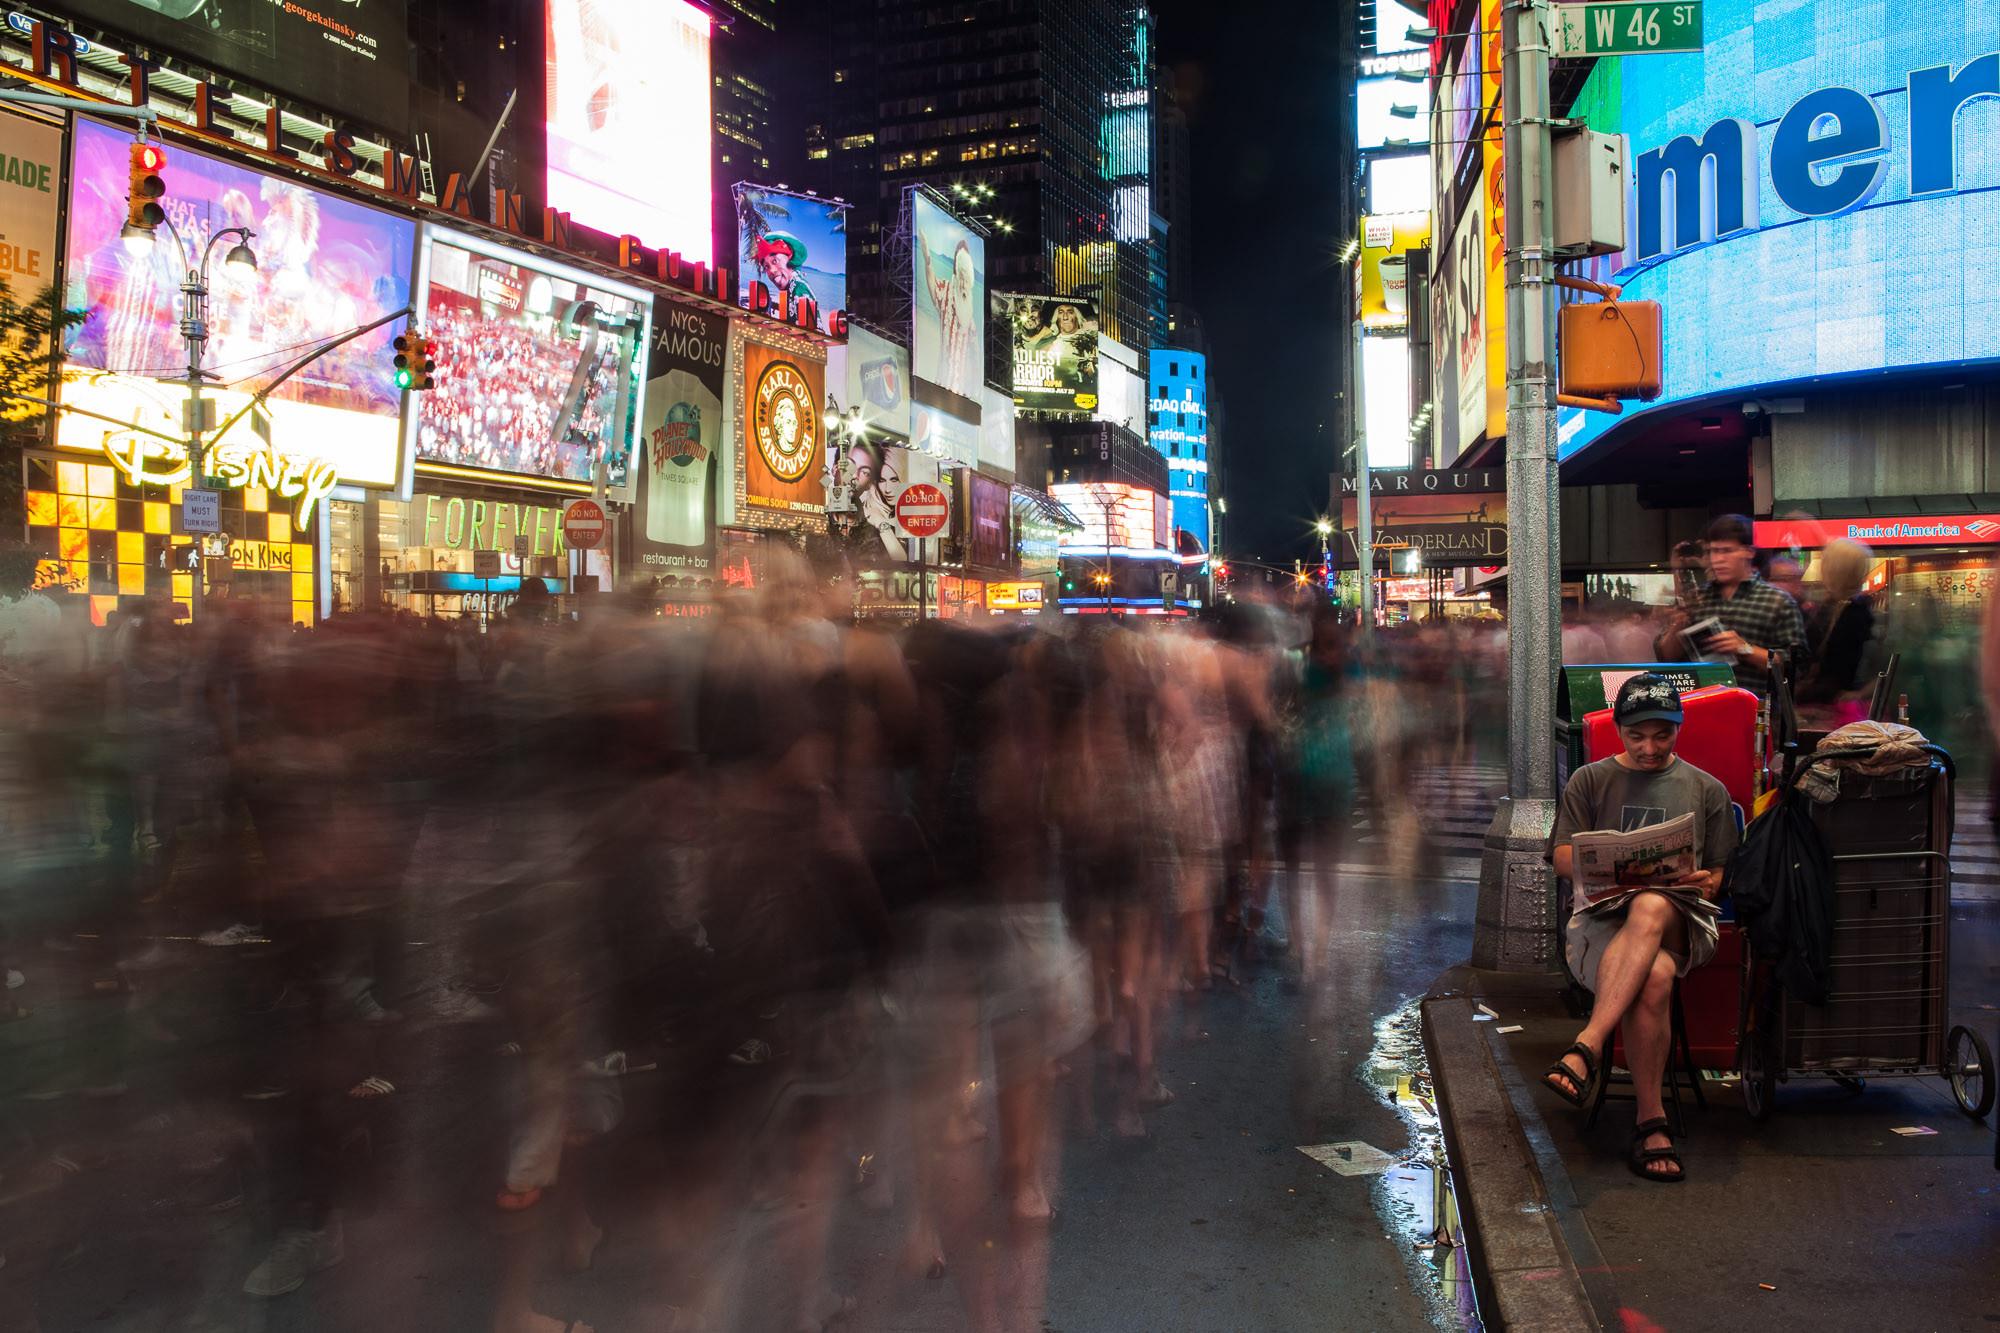 Nueva York. Image © Joana França